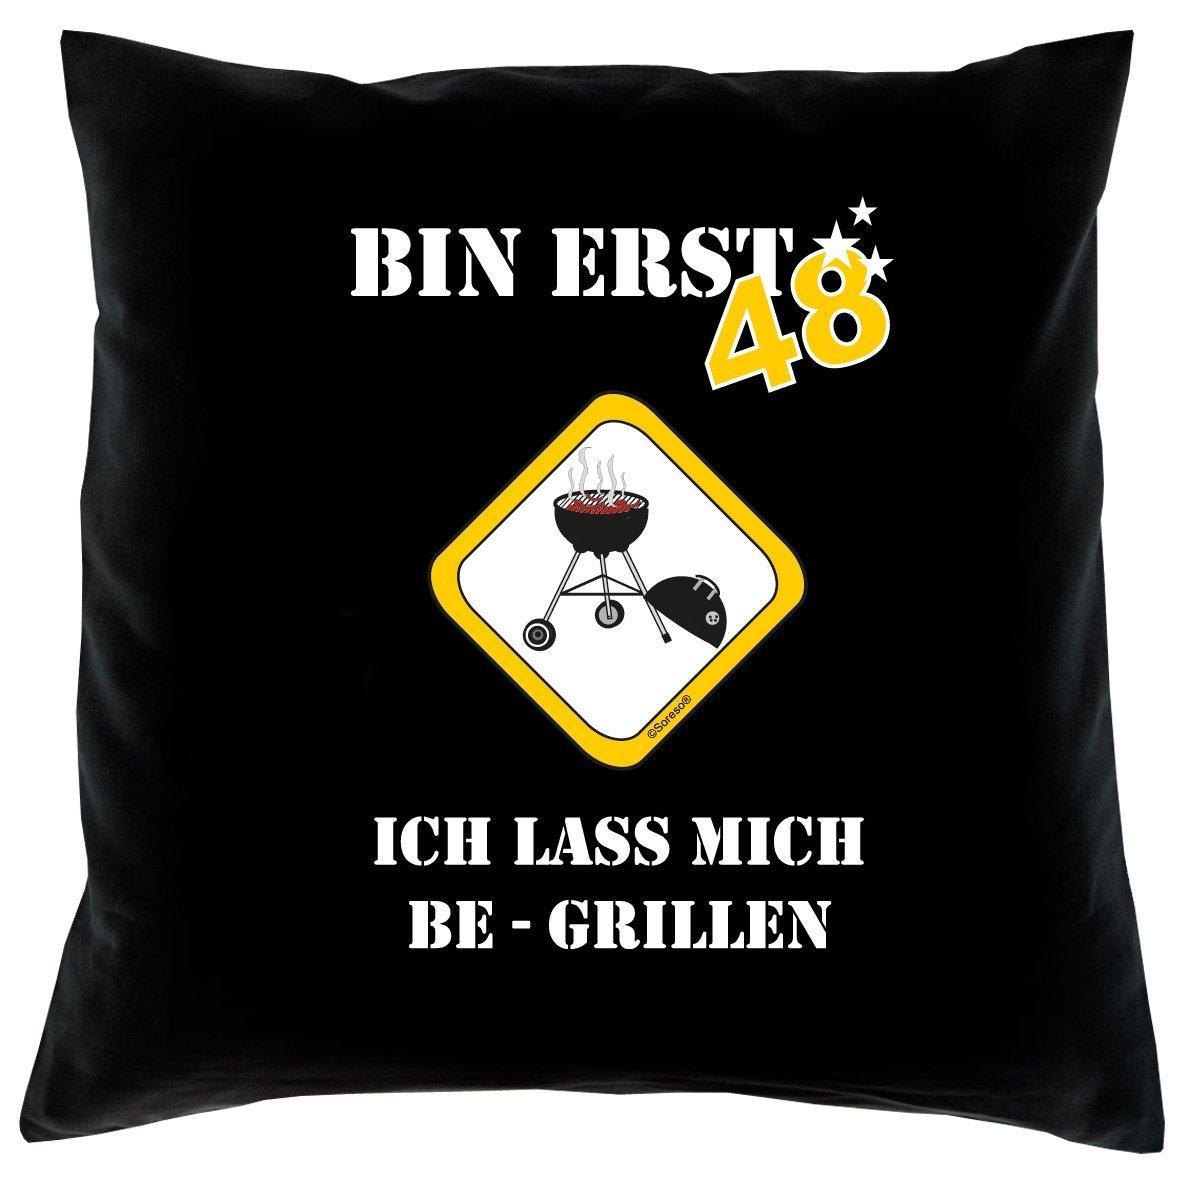 48. Geburtstag Kissen, Sitzkissen, Sofakissen, Dekokissen Bin erst 48! Farbe: Schwarz komplett mit Füllung 40x40cm Größe: 40x40cm